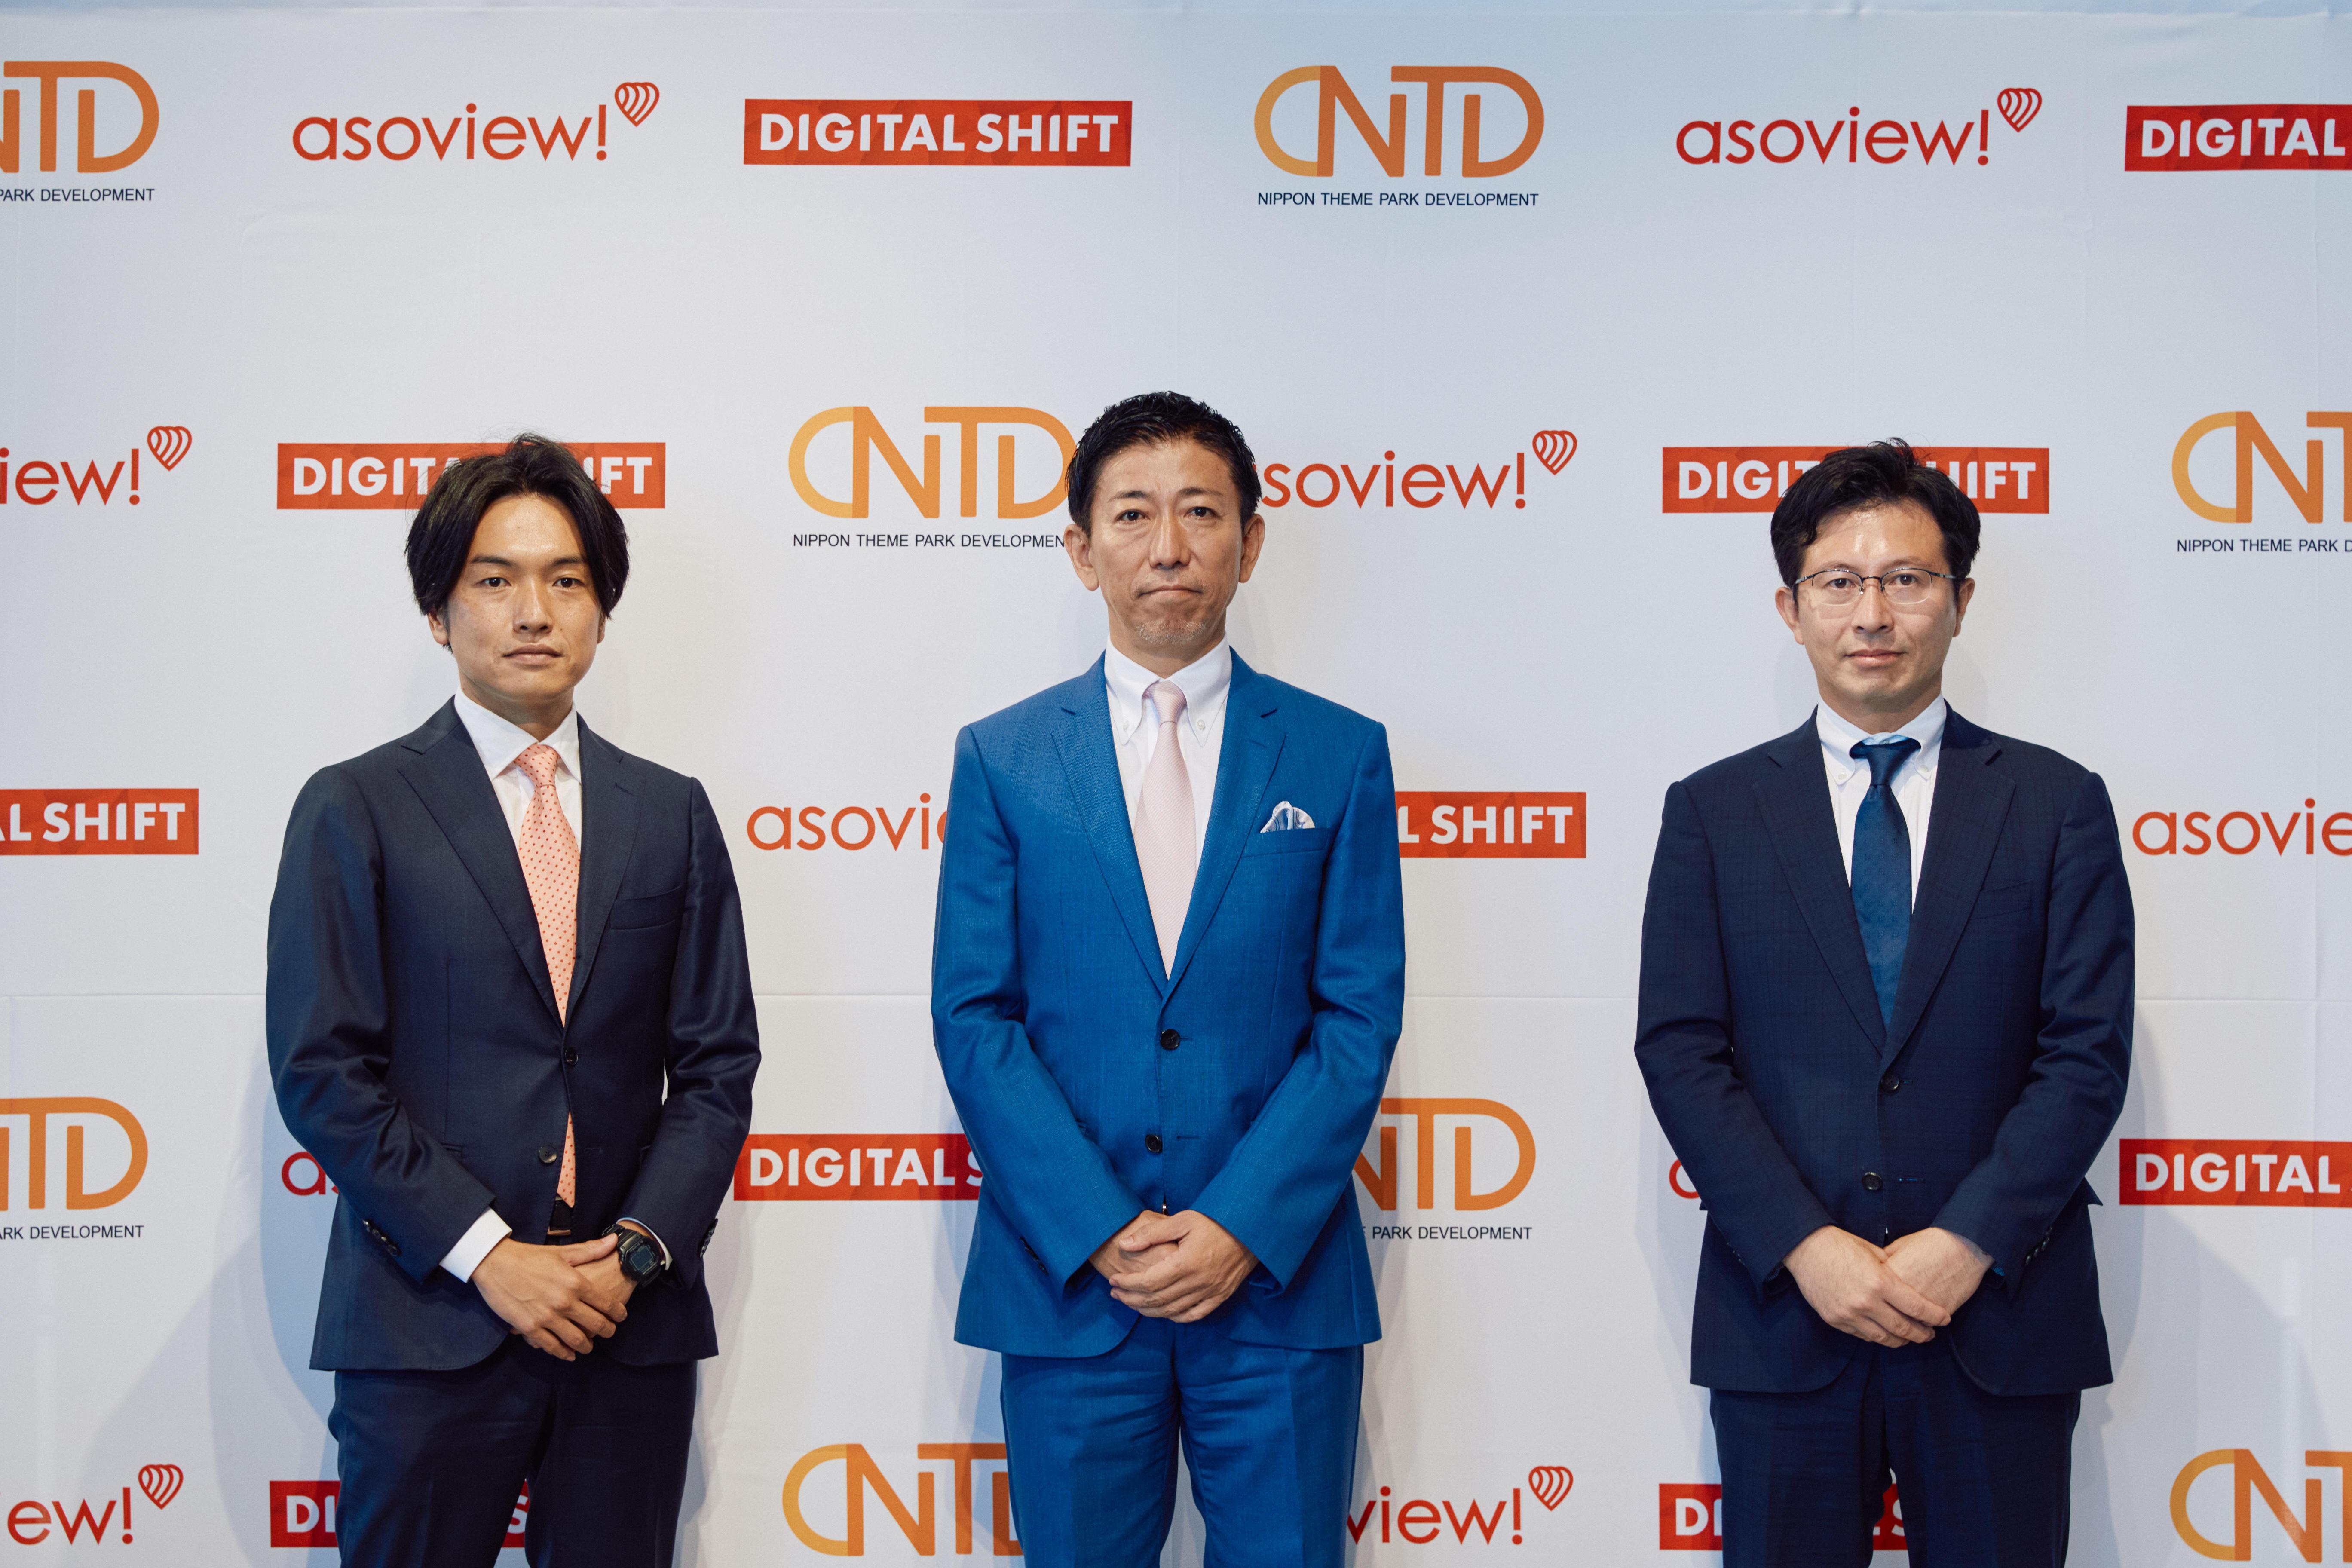 デジタルシフト社、アソビュー、日本テーマパーク開発が事業提携を発表 - レジャー施設経営のDXを推進